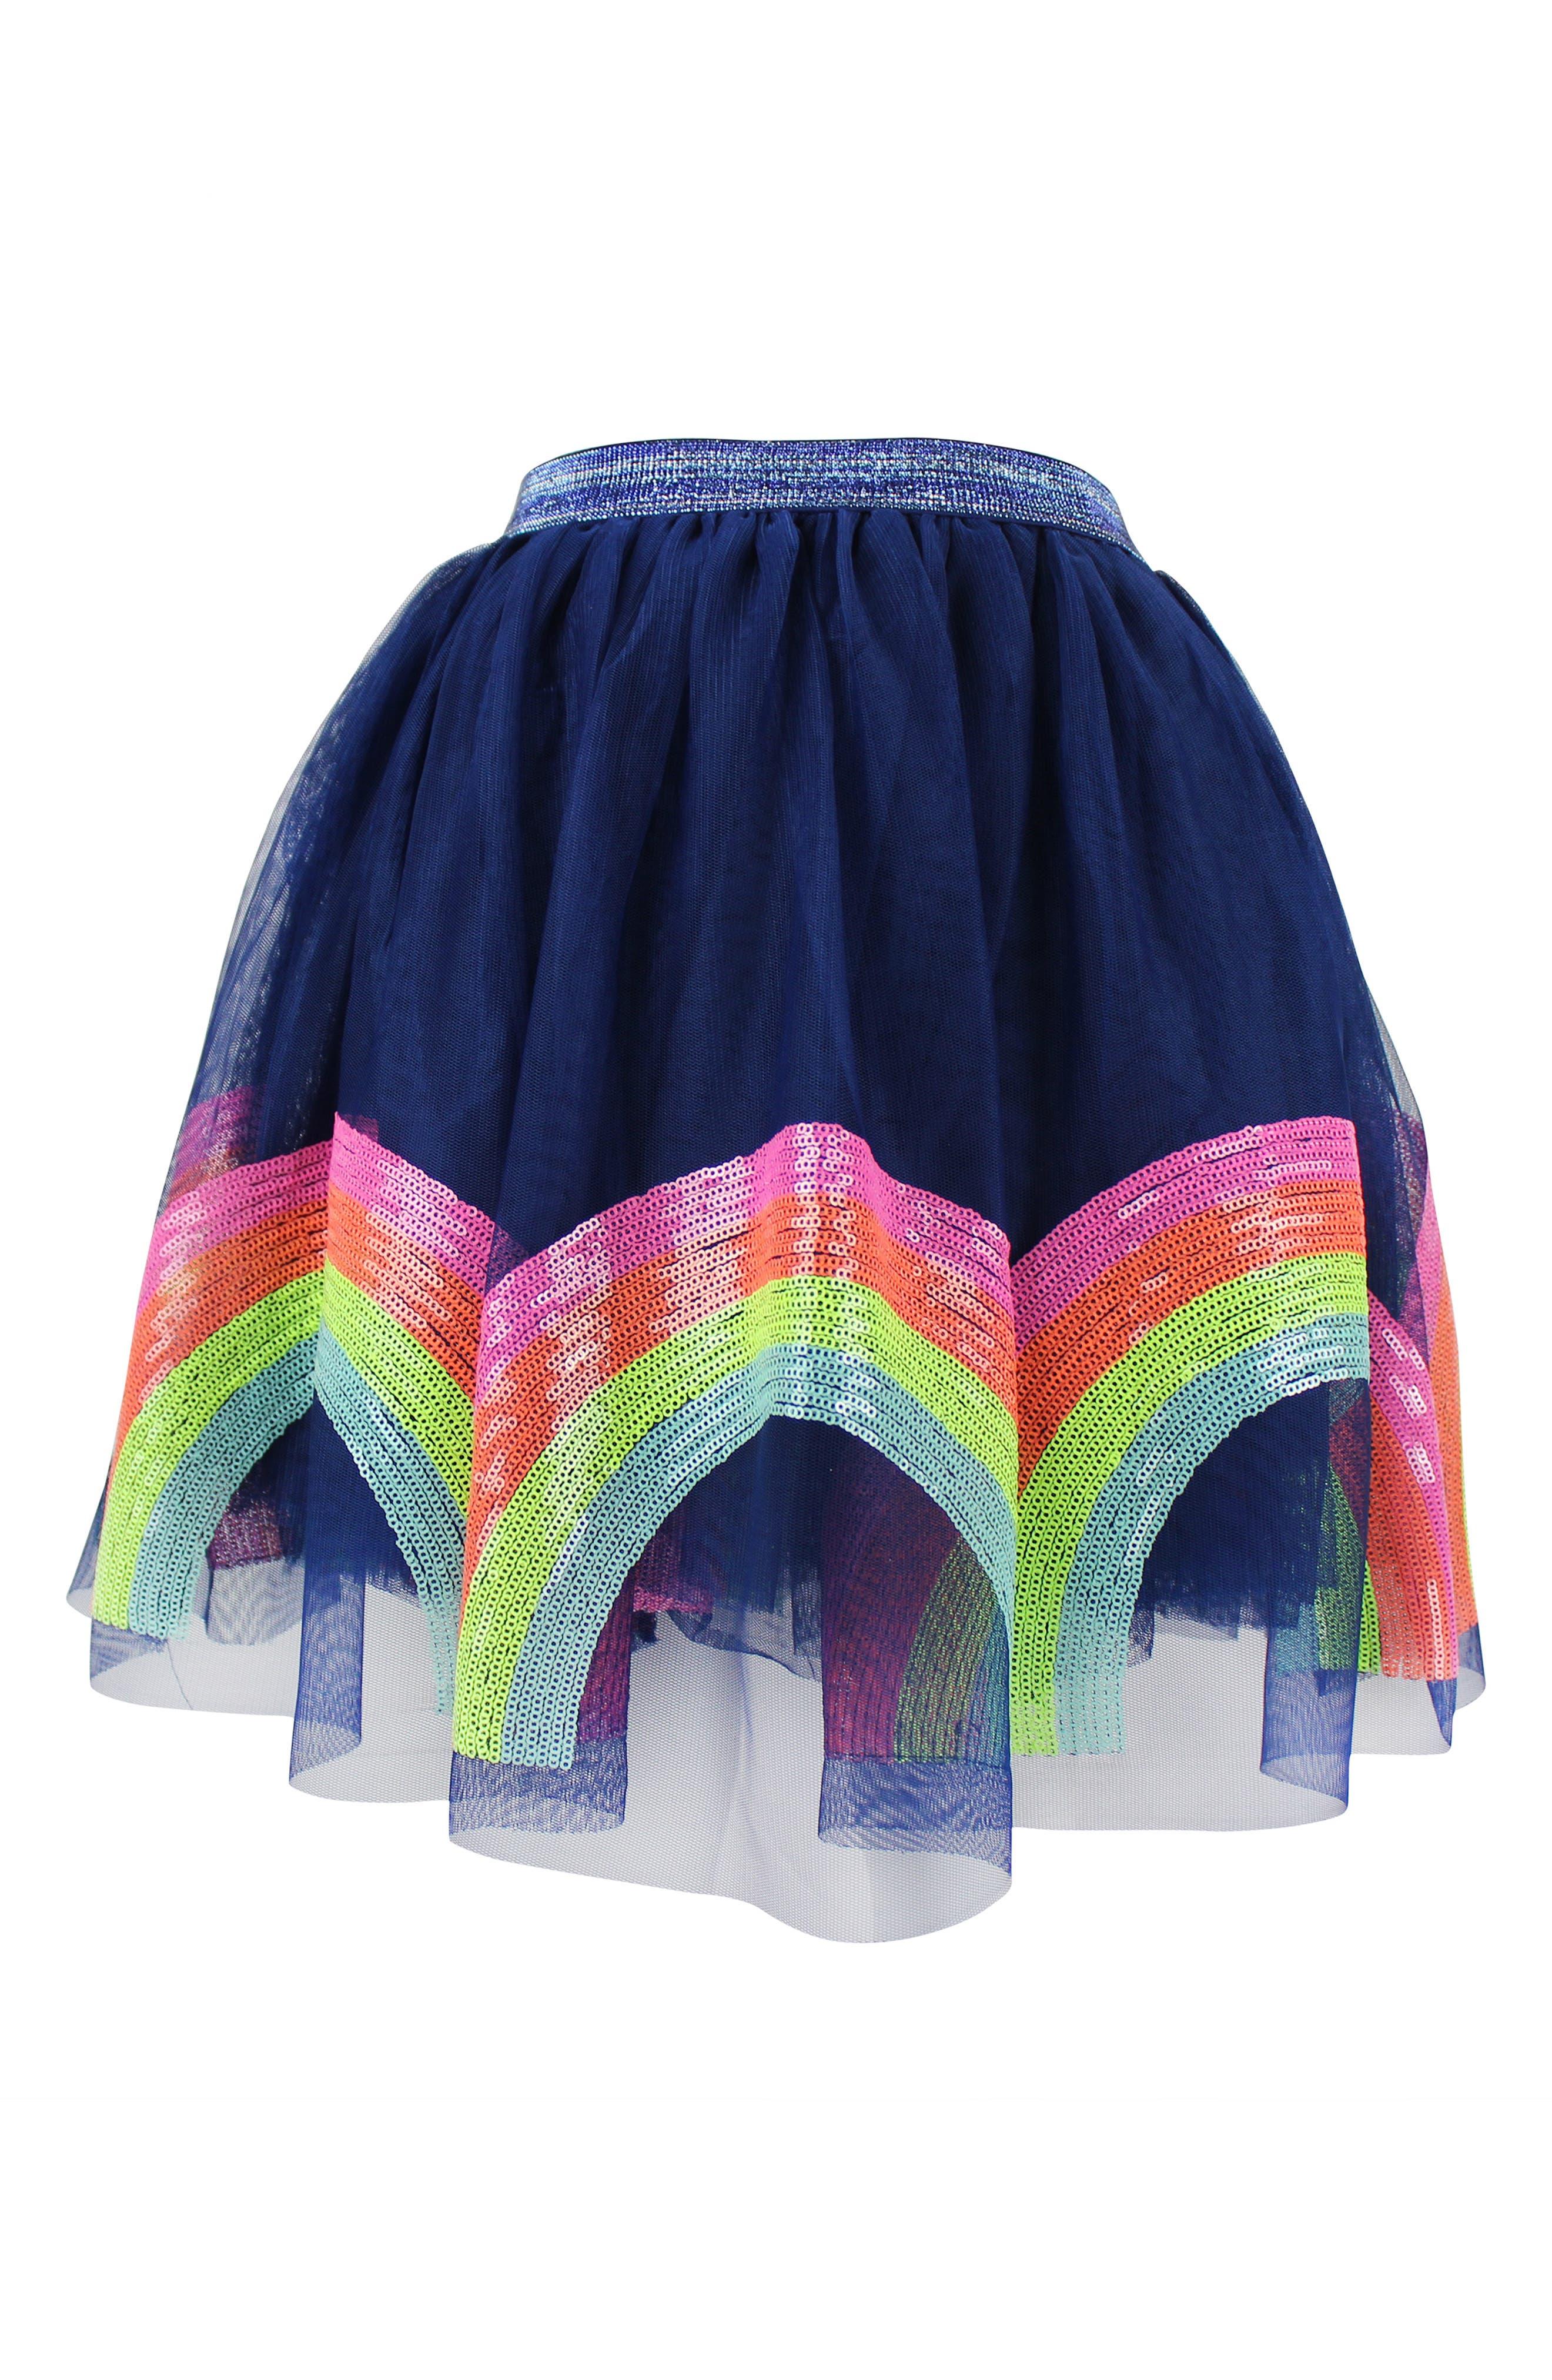 LOLA & THE BOYS Rainbow Sequin Tutu Skirt, Main, color, NAVY BLUE